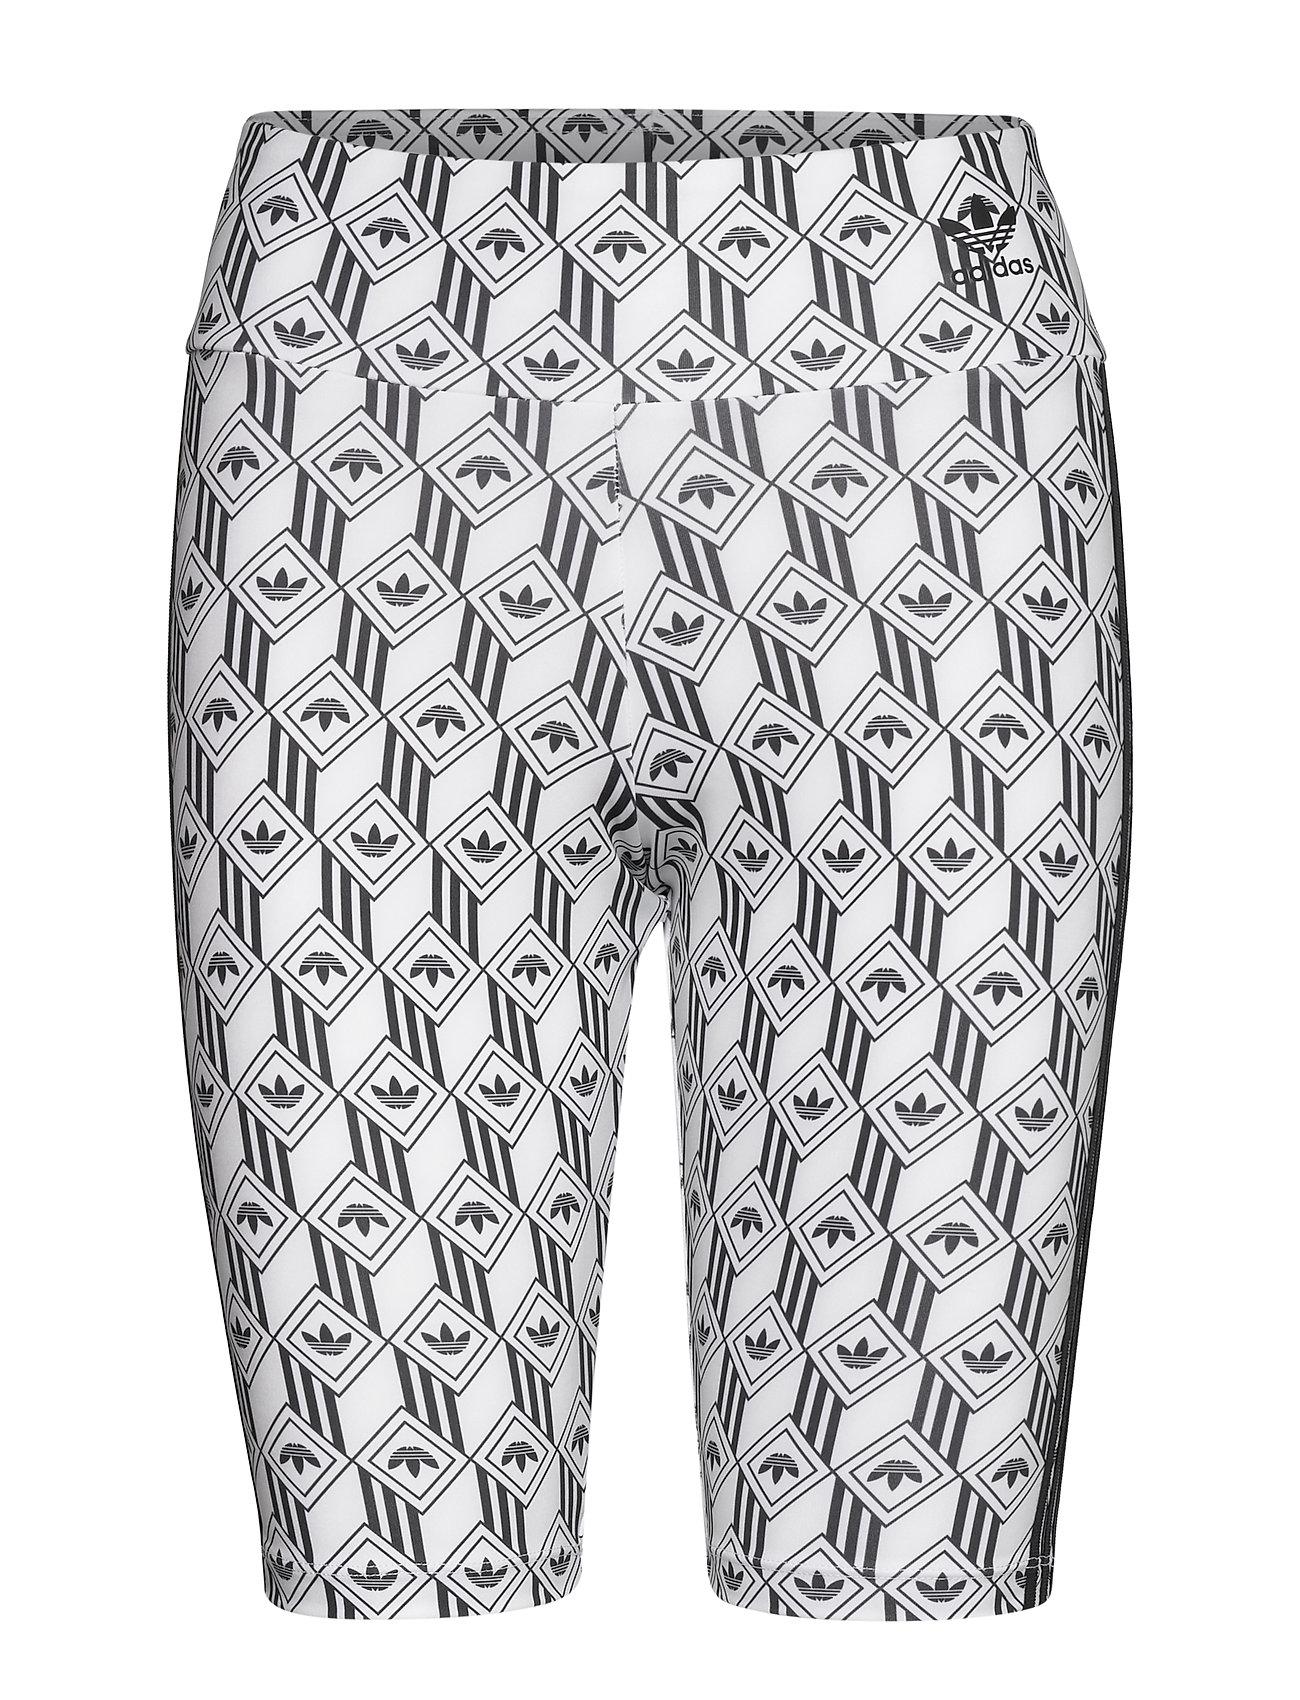 adidas Originals CYCLING SHORTS - BLACK/WHITE